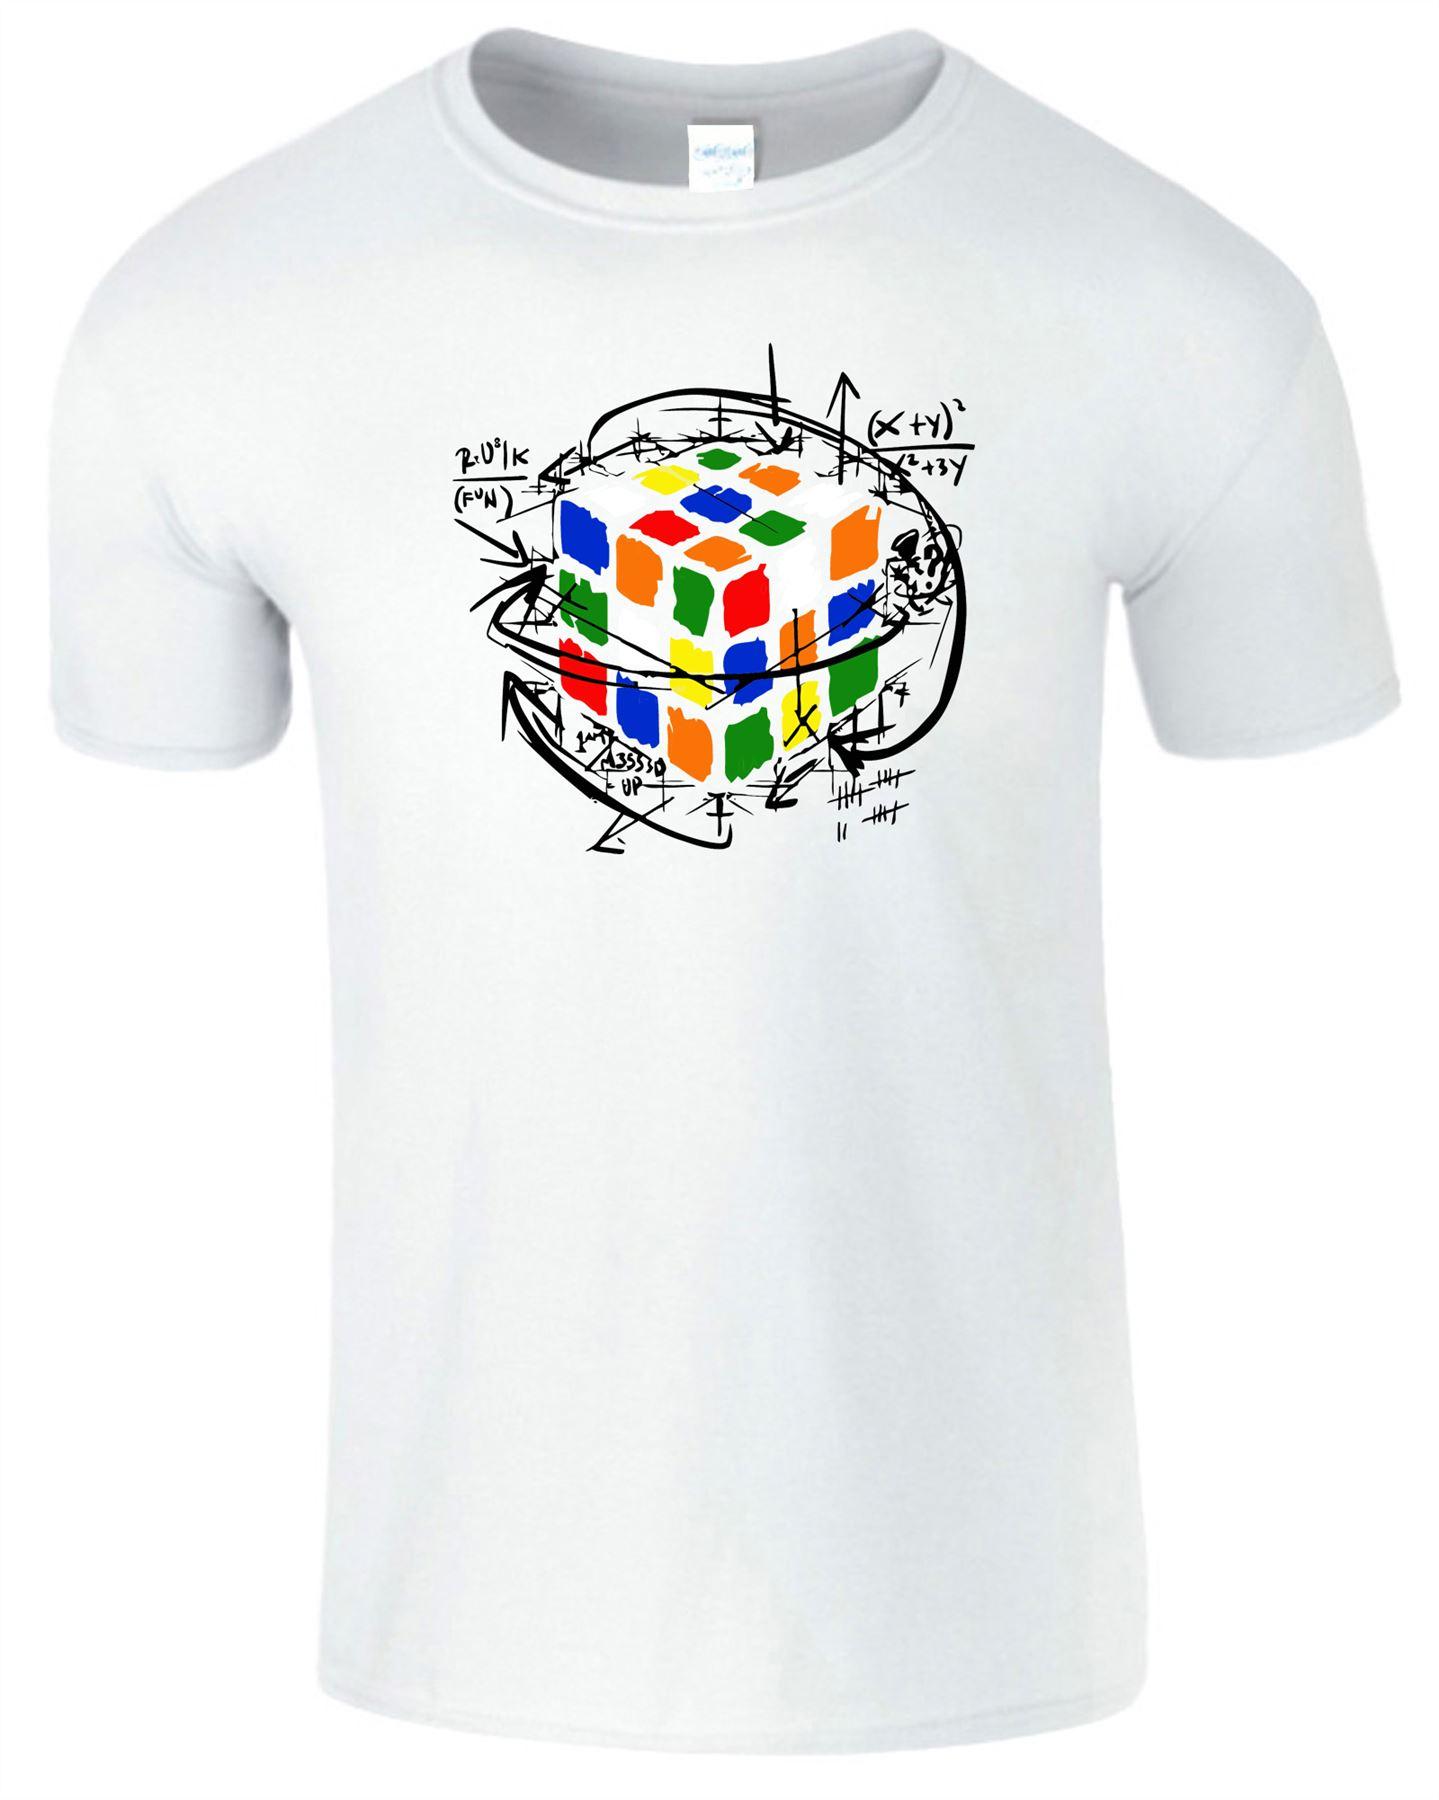 Rubik/'s Cube Equations Mens Kids Tshirt Funny Retro Puzzle Cooper Tee Top TShirt